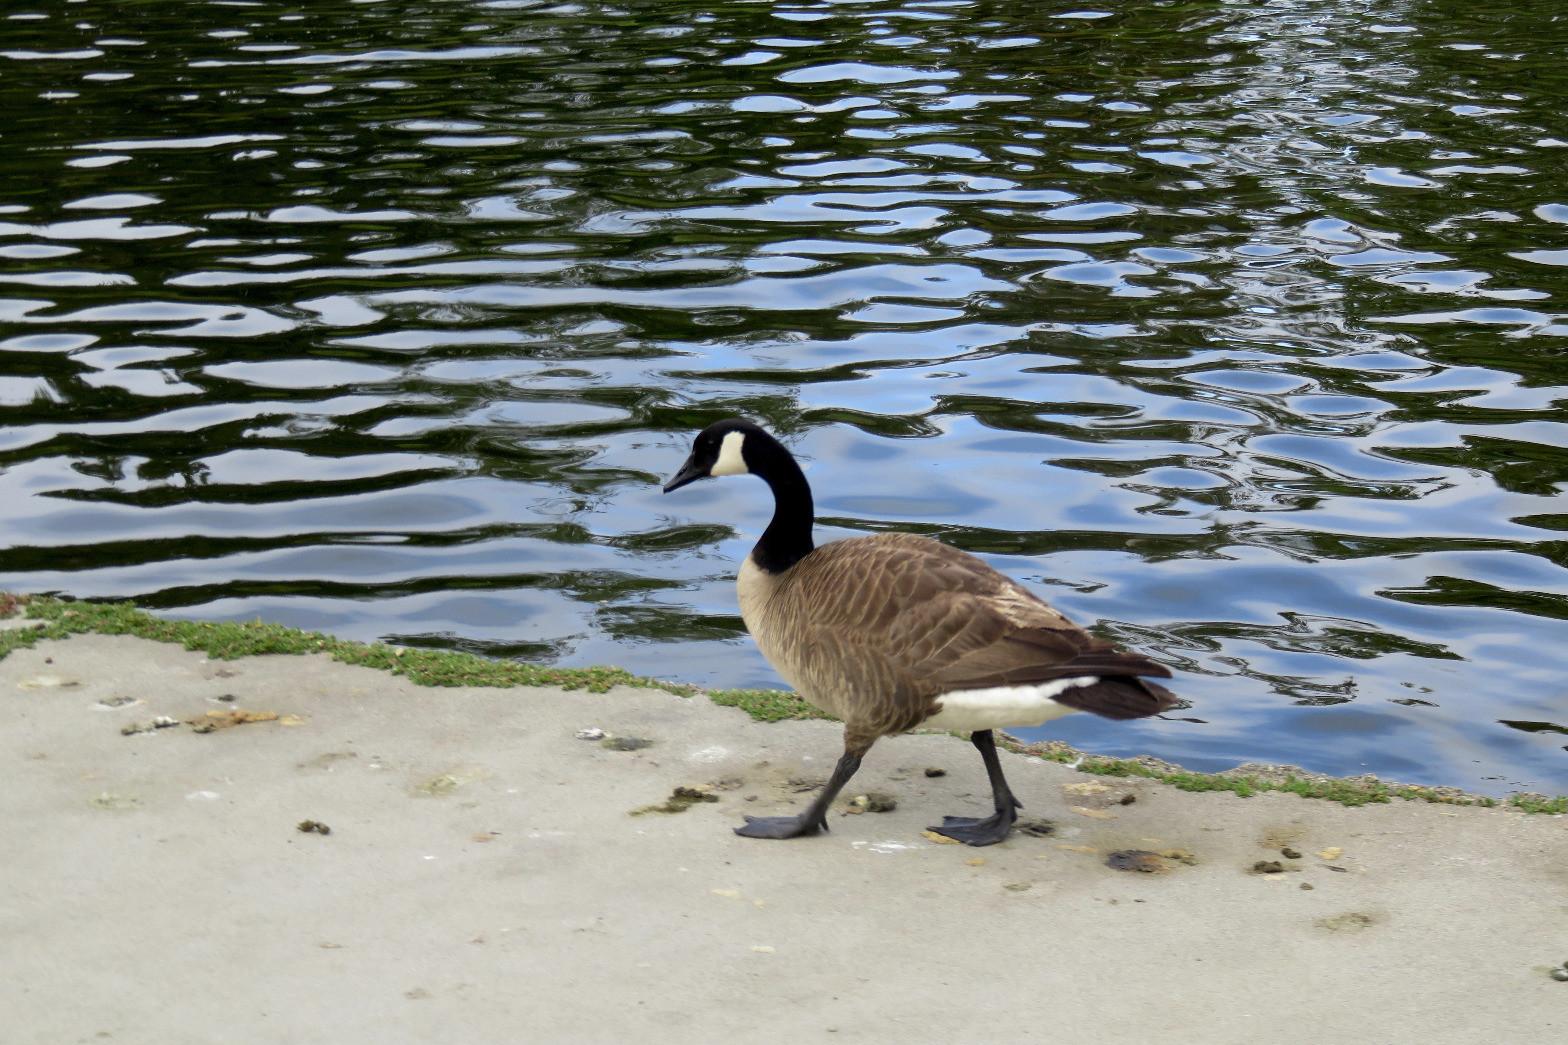 Goose walking along pond.